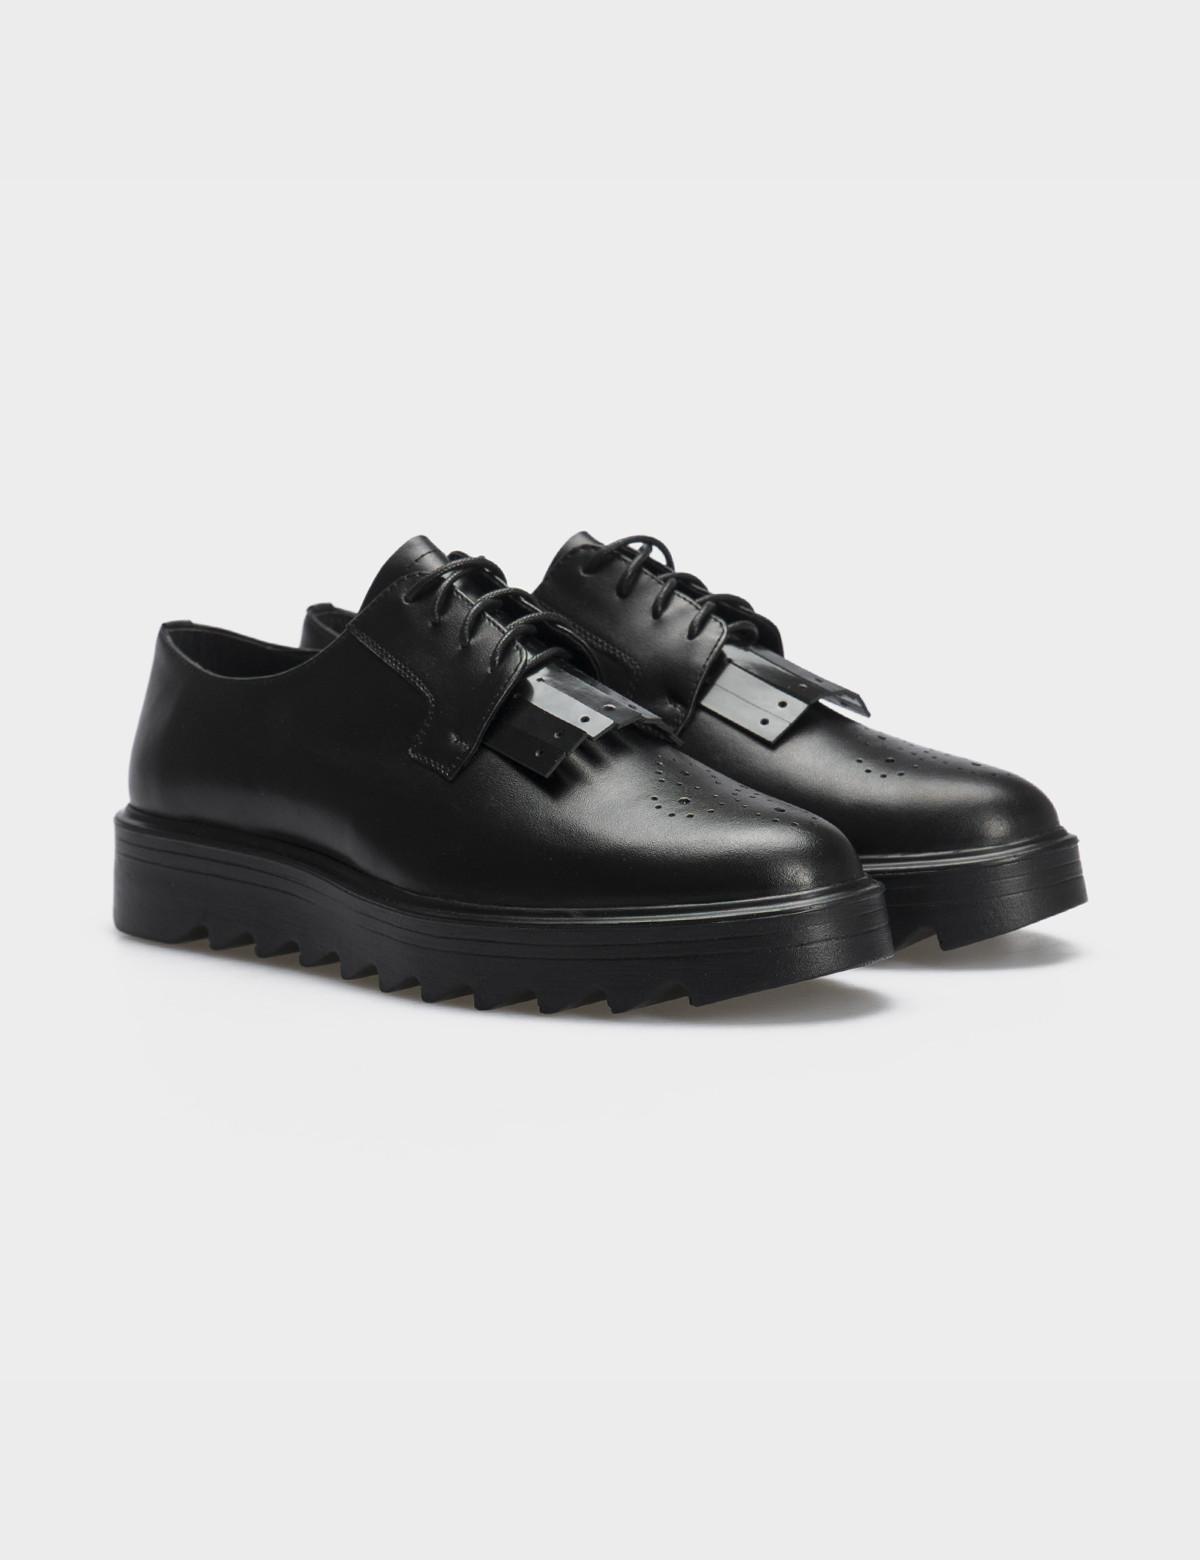 Туфлі чорні, натуральна шкіра1